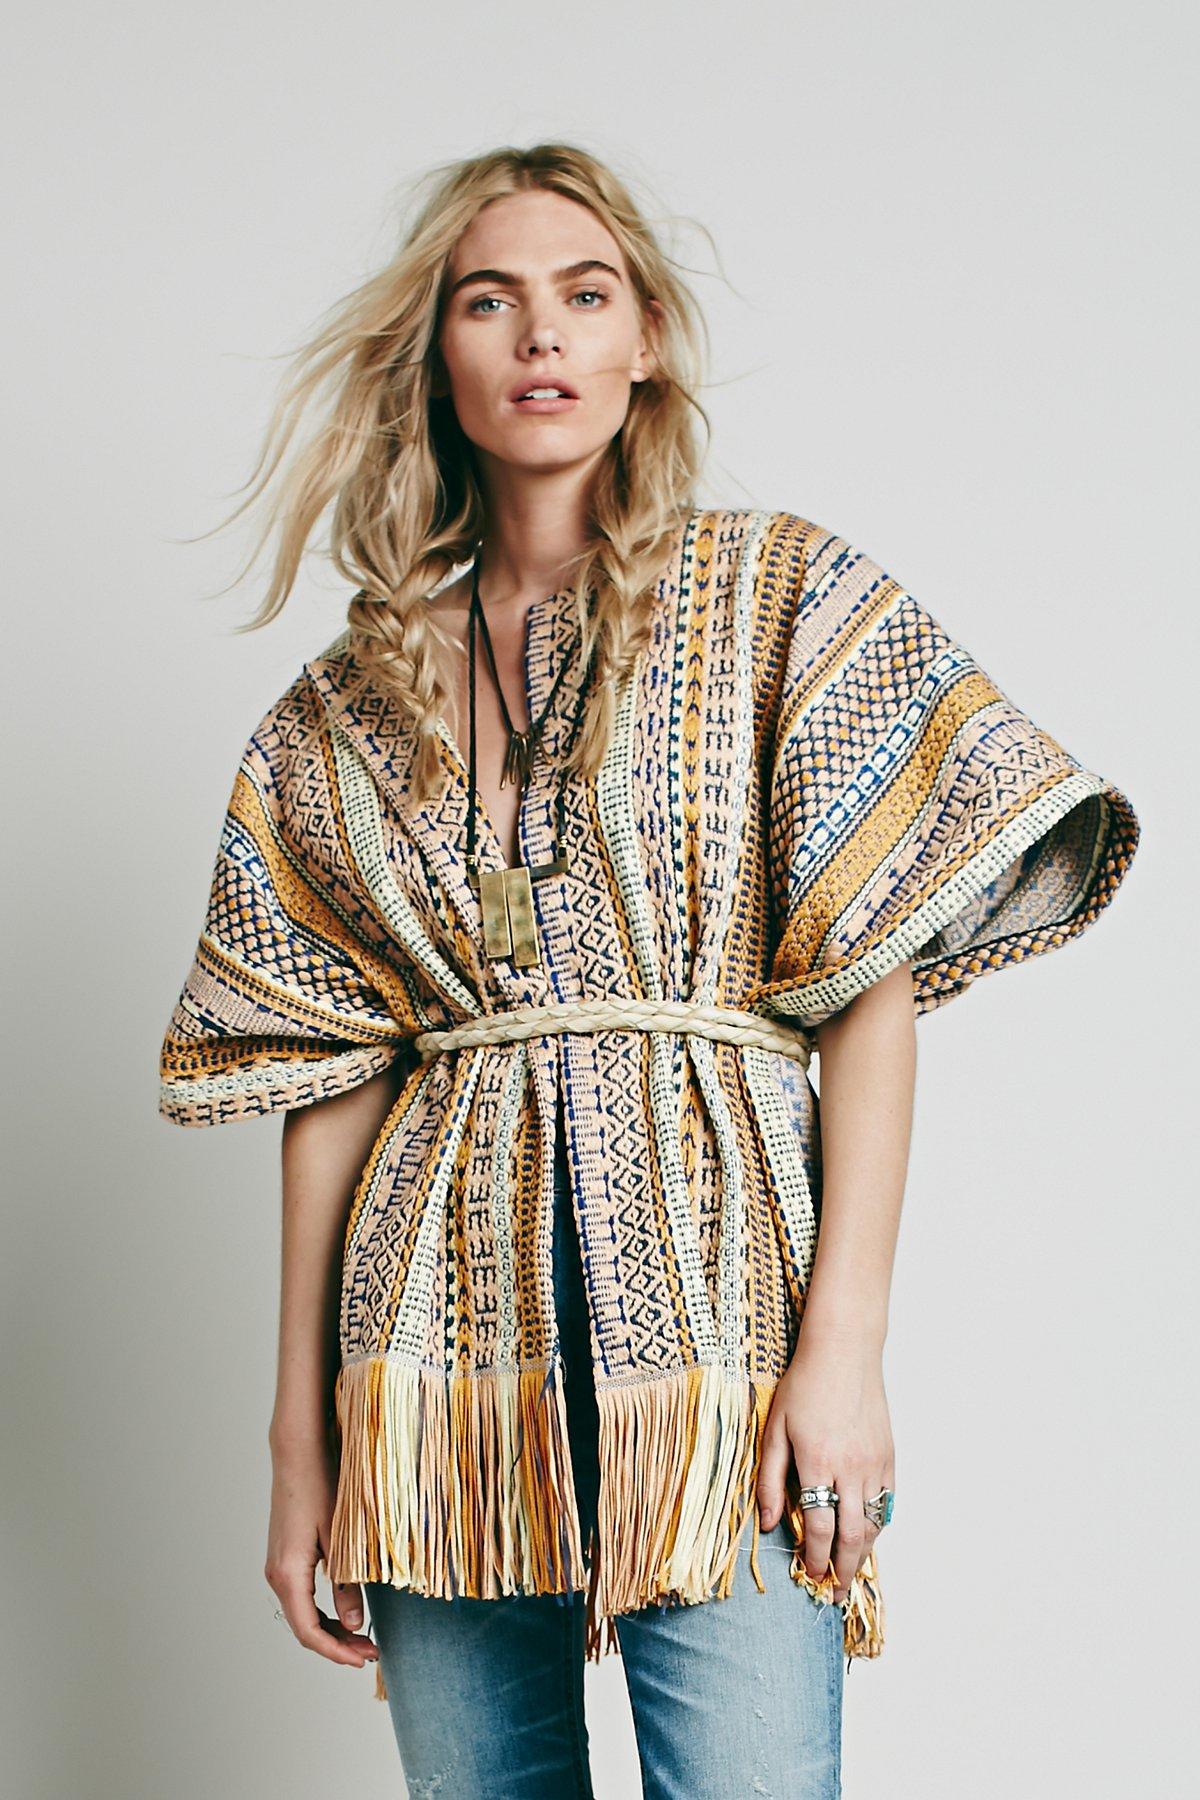 Tasina刺绣披巾